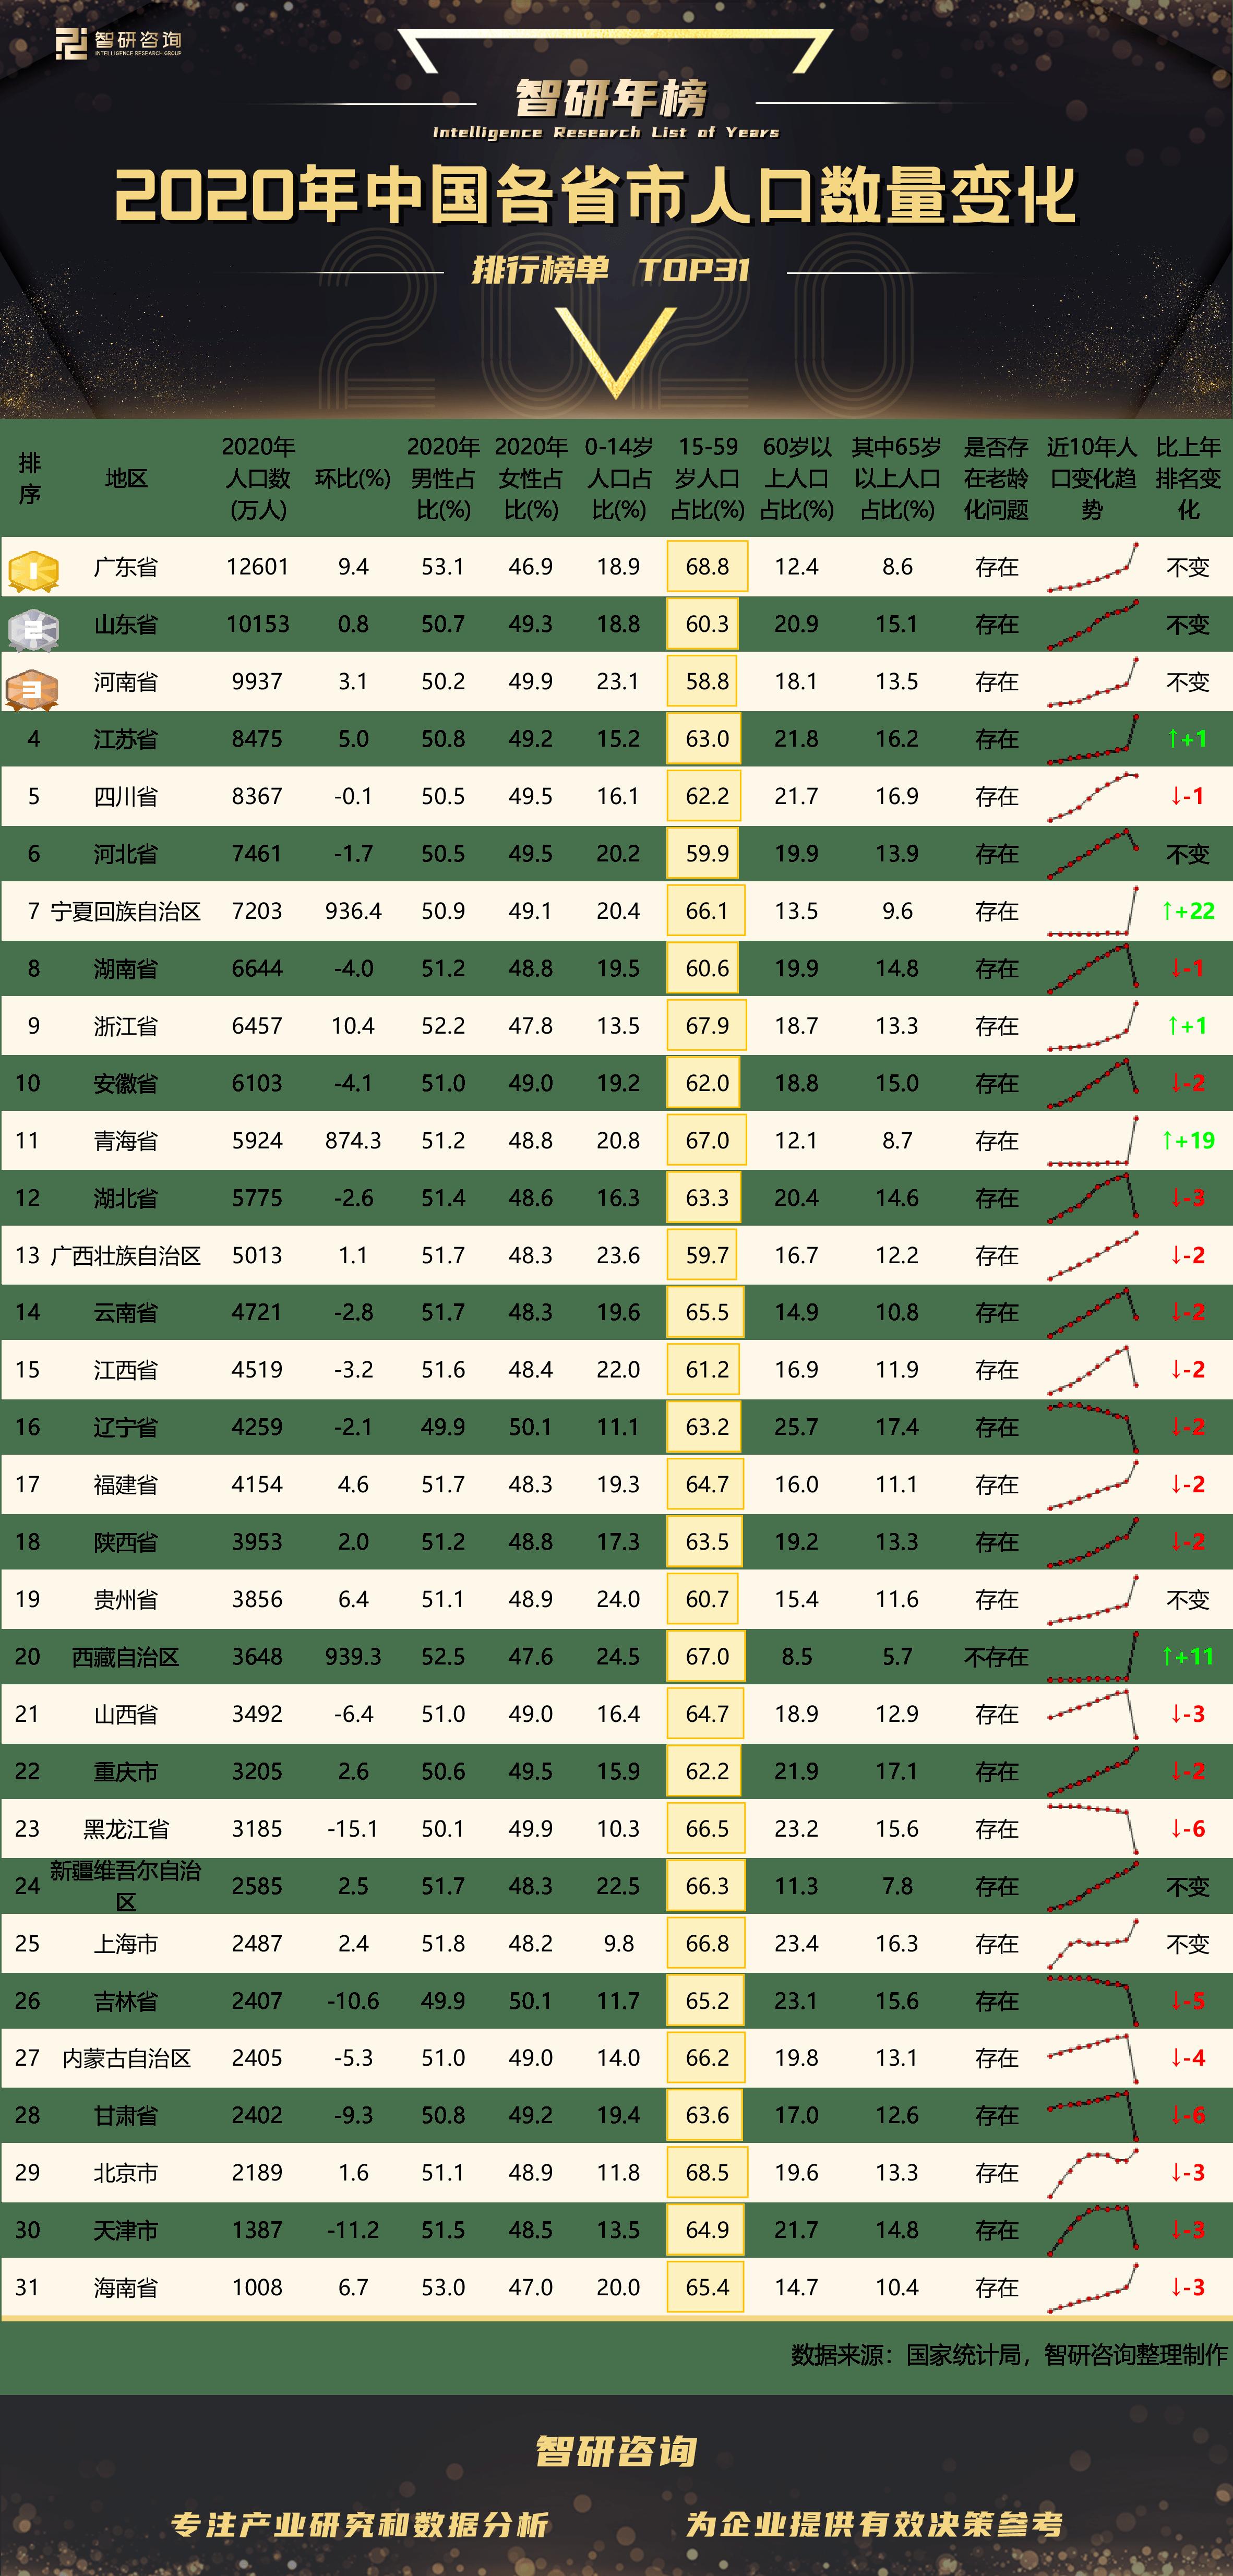 甘肃省人口数量_2020年中国各省市人口数量变化排行榜:老龄化问题普遍存在(年